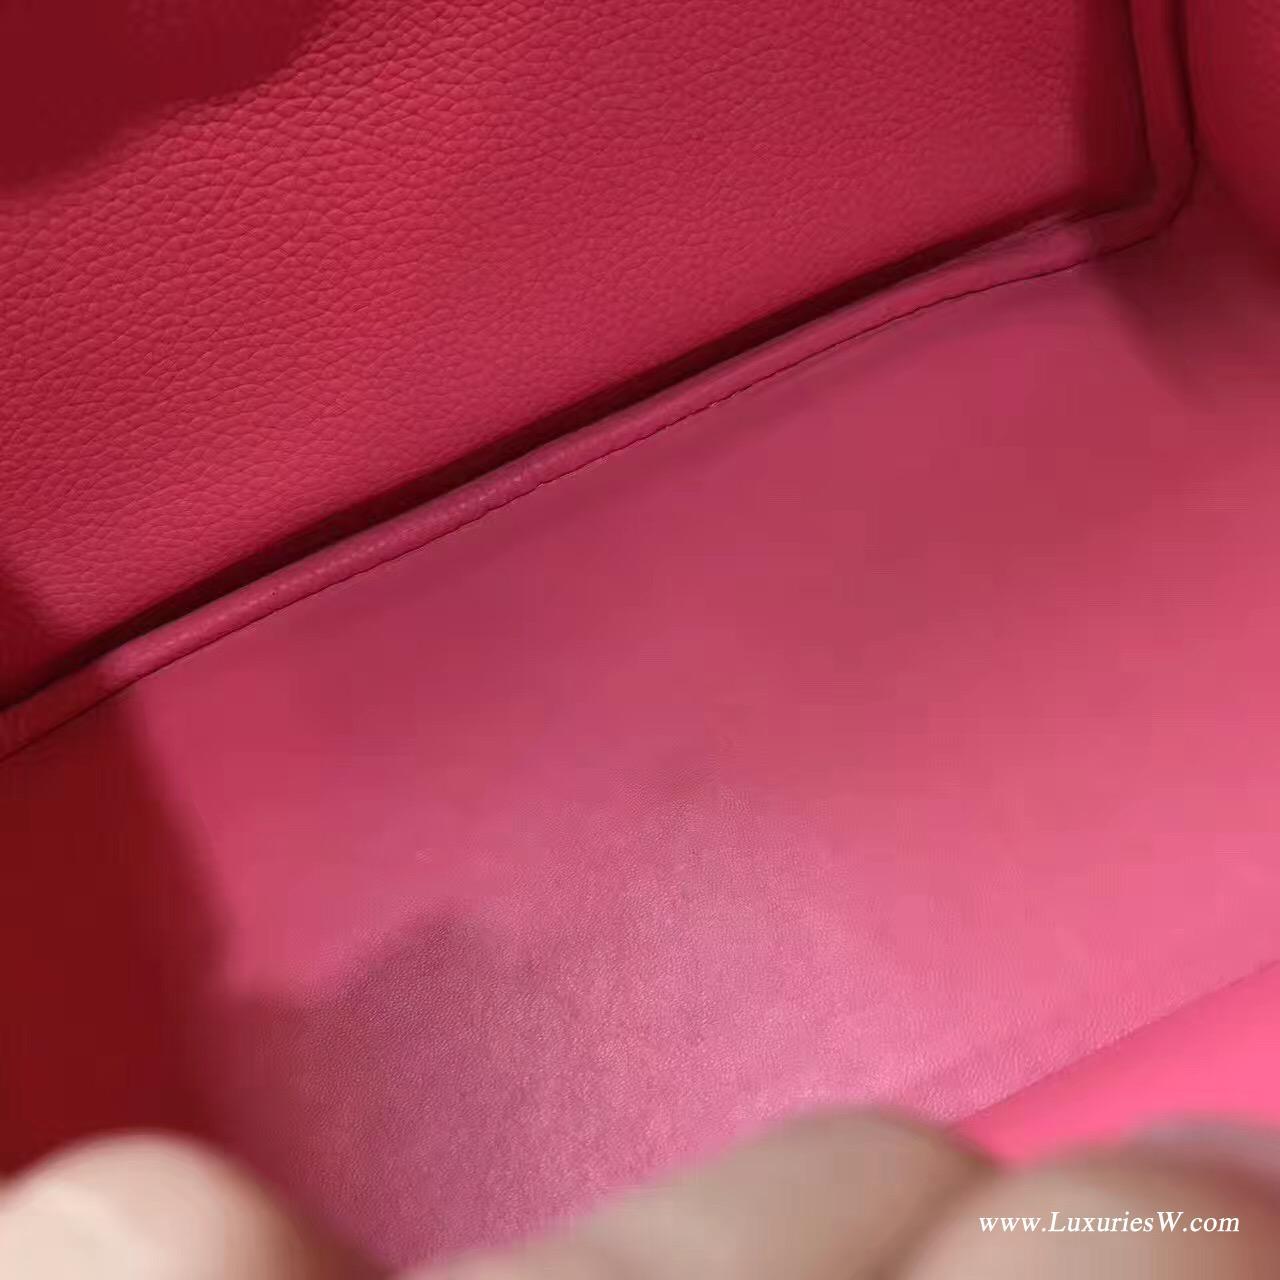 愛馬仕Lindy 30 togo唇膏粉 U5 RoseLipstick 唇膏粉色金扣金屬